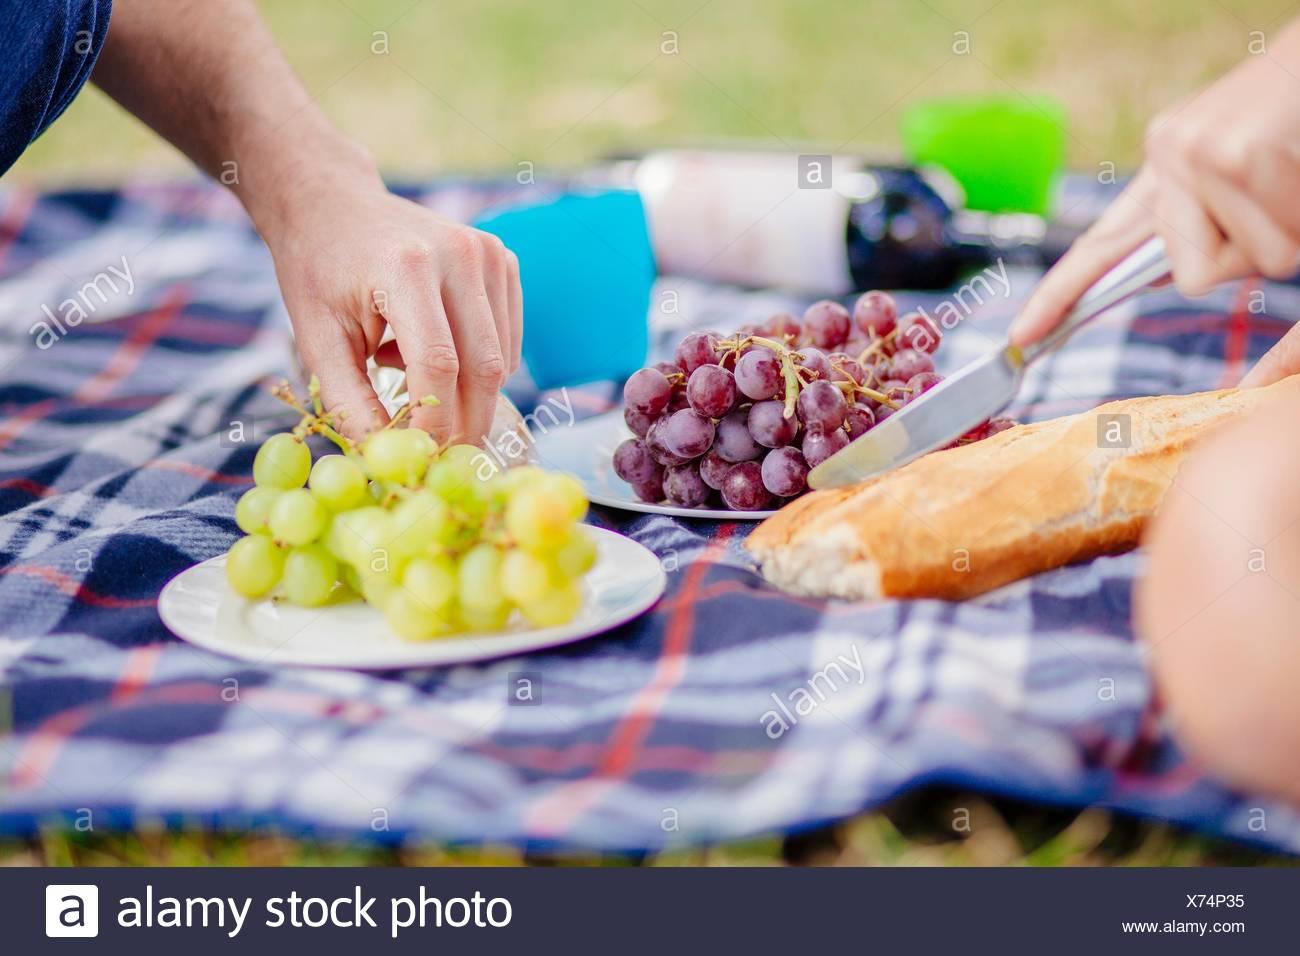 Portrait de couples mains tendues pour les raisins on picnic blanket Photo Stock